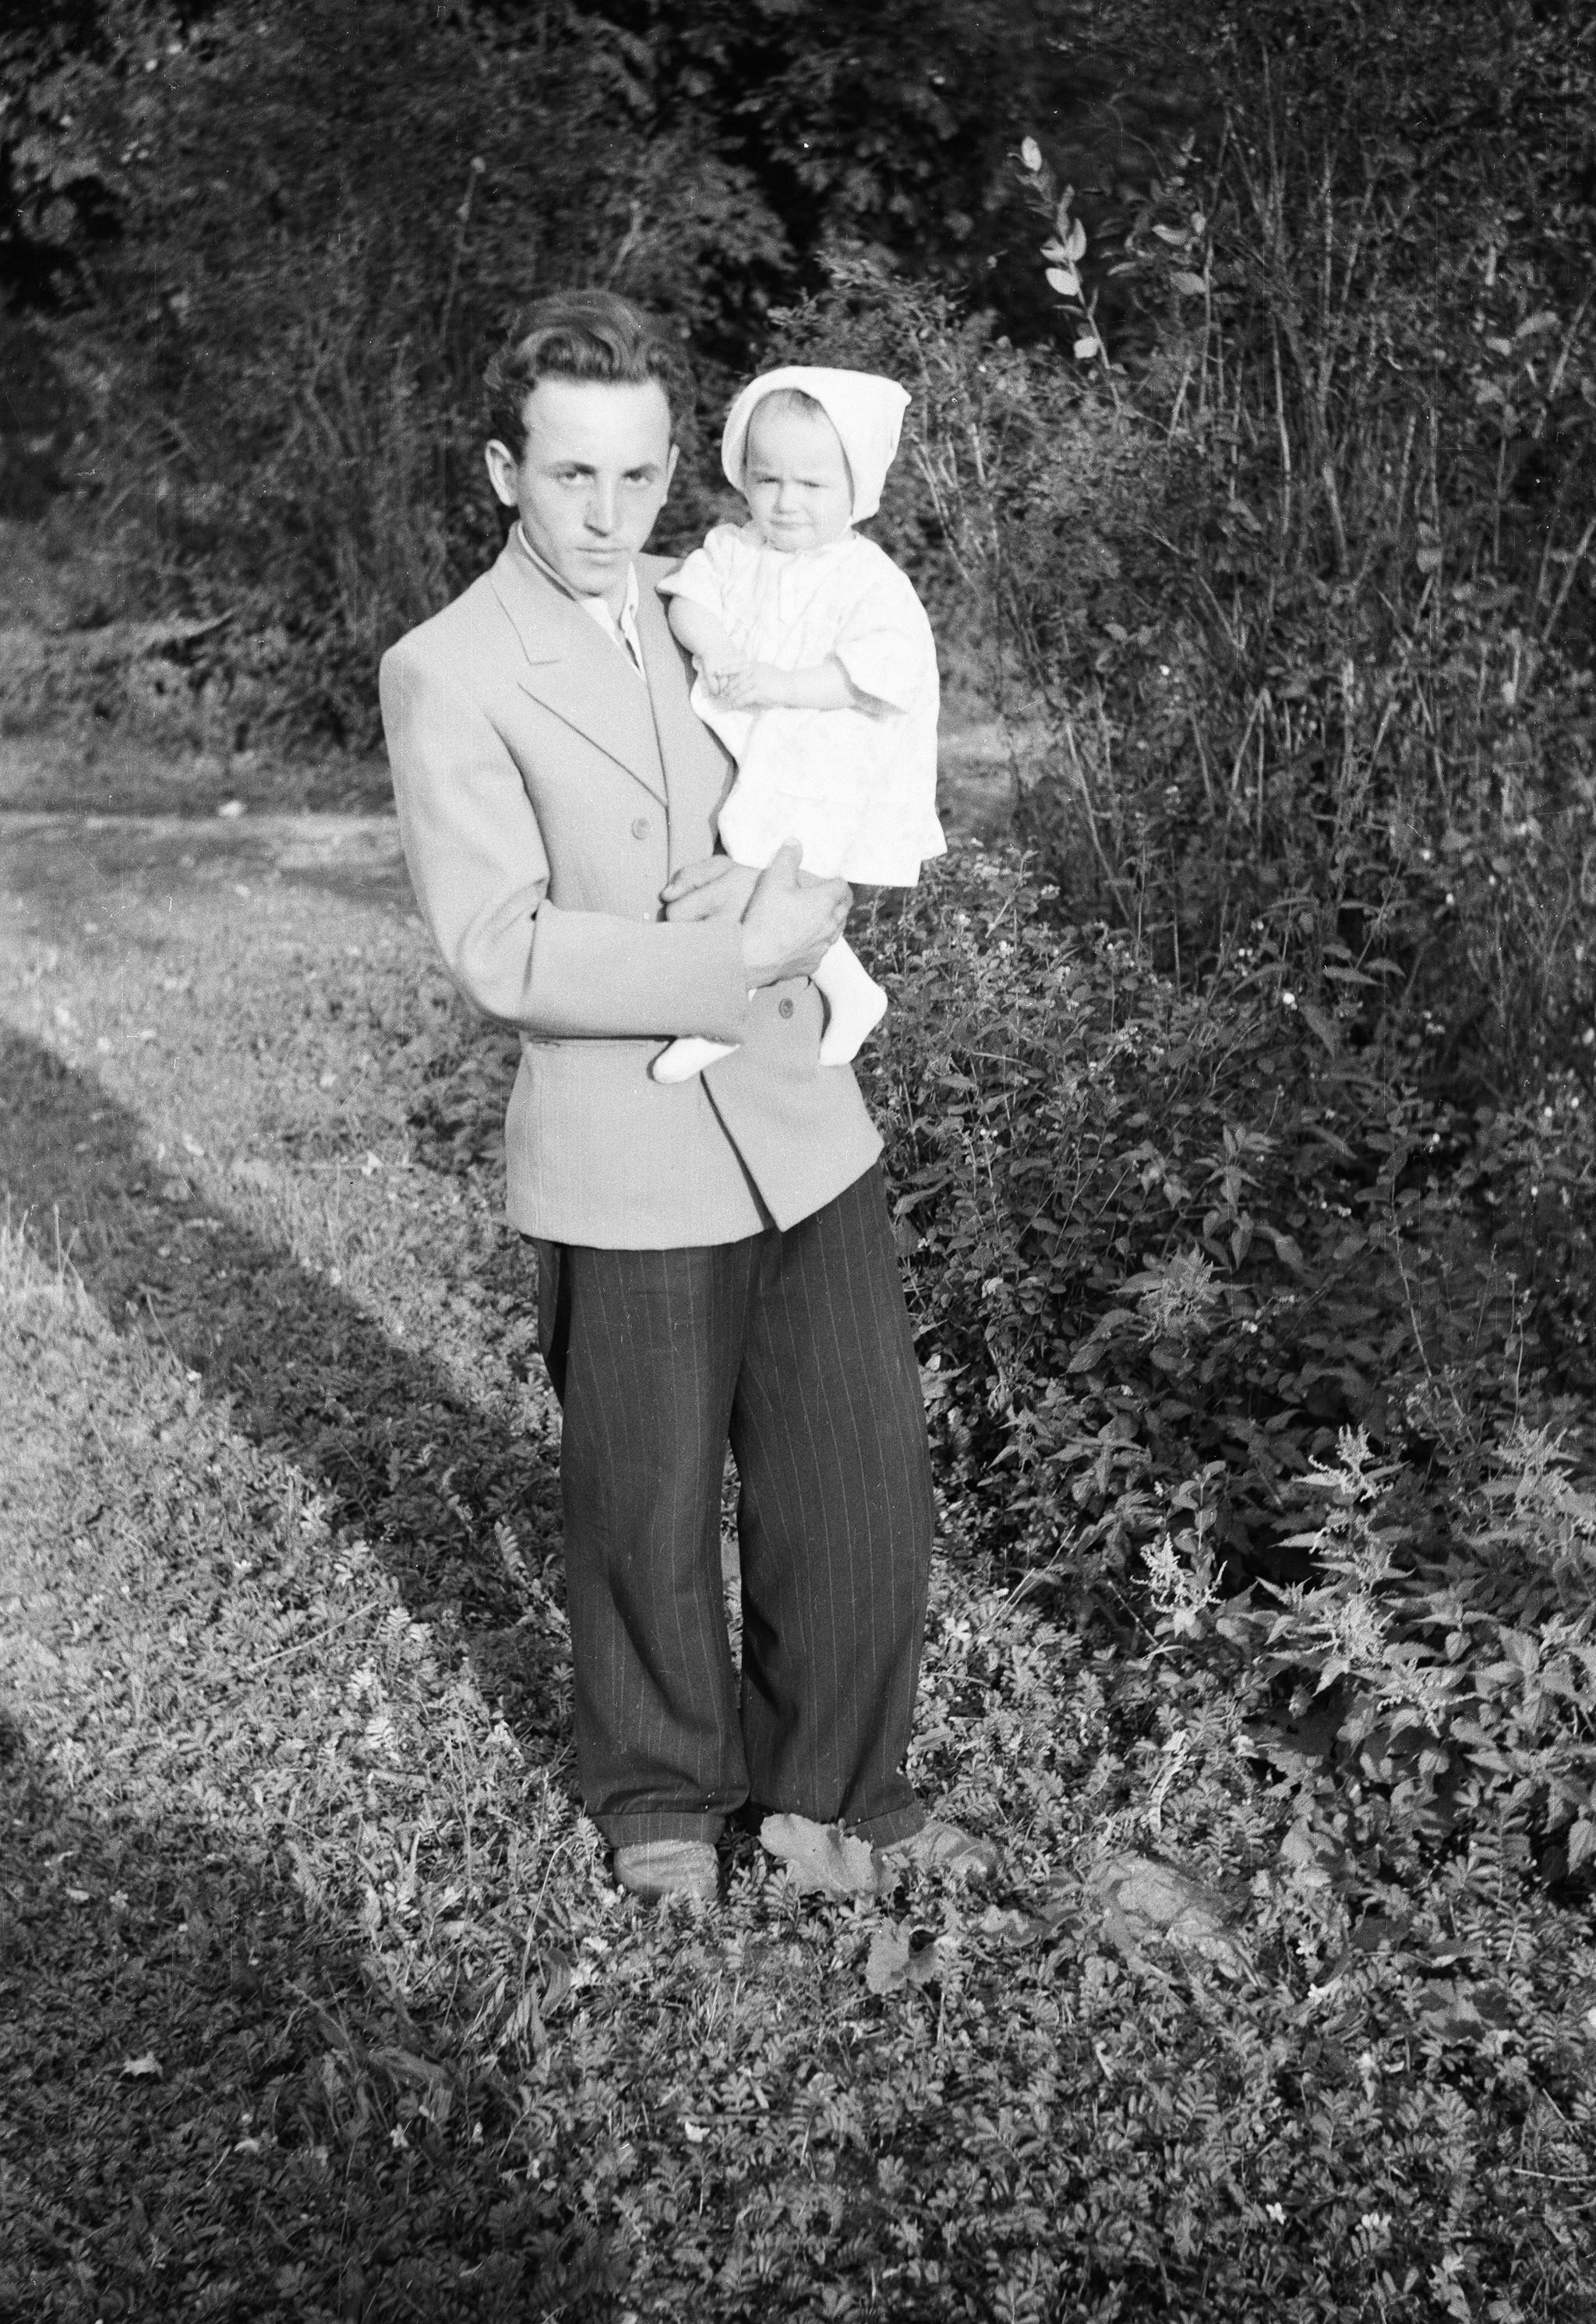 Edward Pytel z siostrzenicą, Węglewo, Dolny Śląsk, lata 50. XX w.